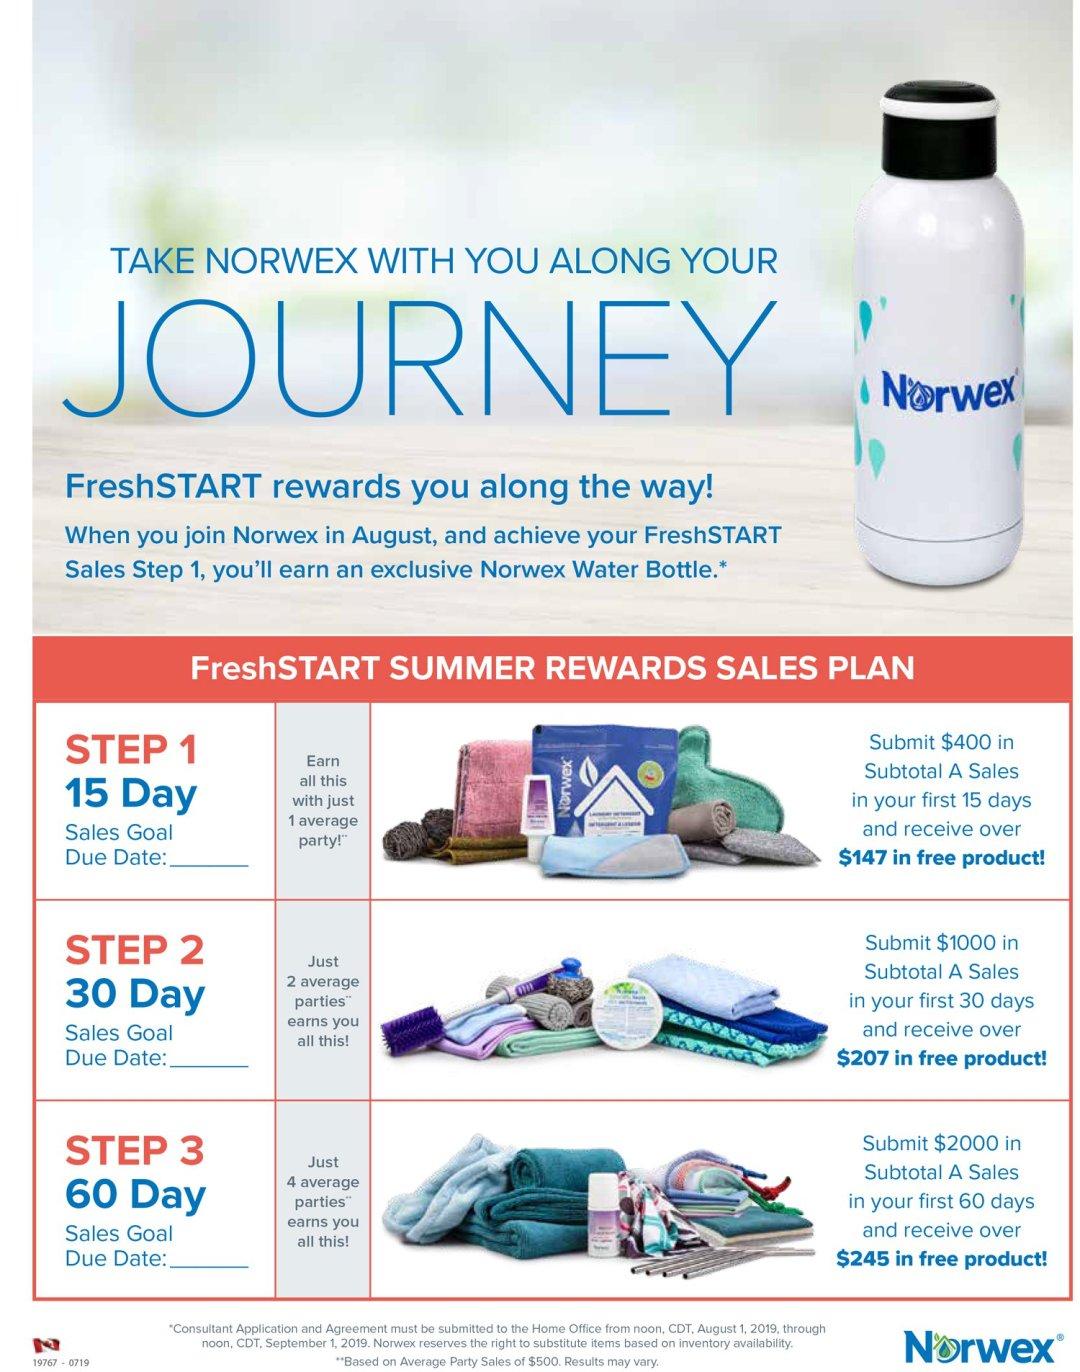 Norwex Journey